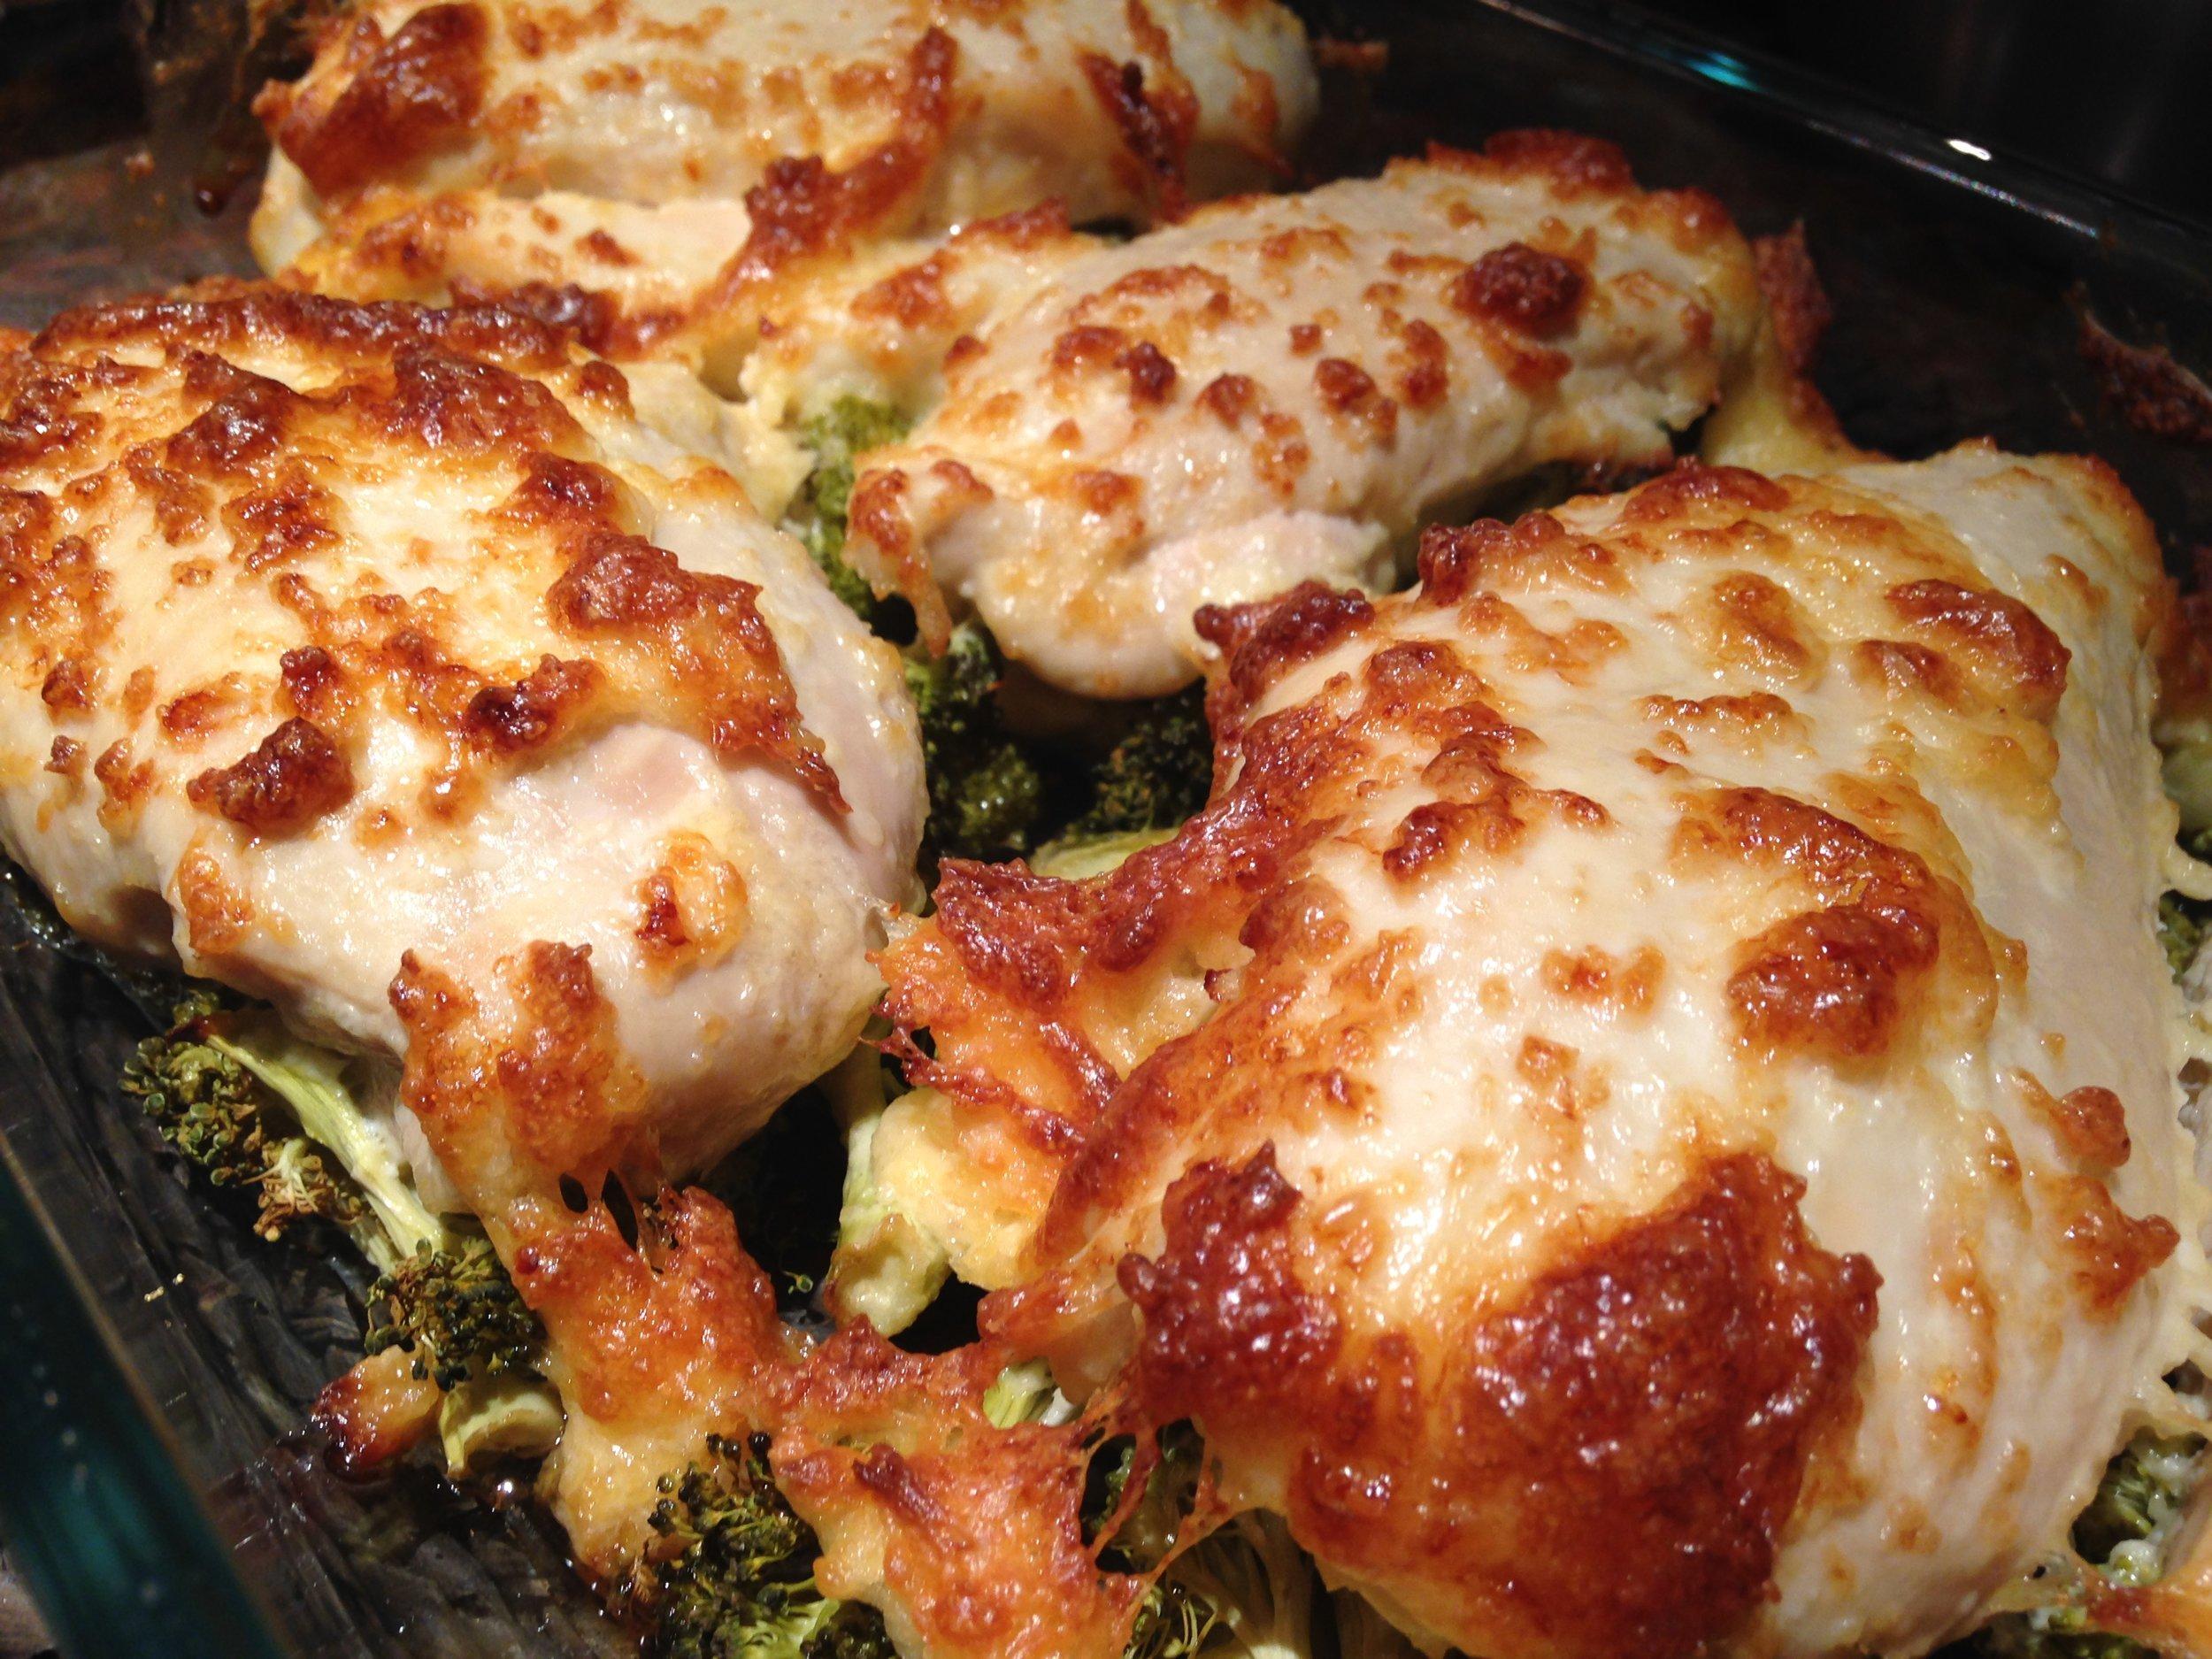 Healthy Parmesan Chicken & Broccoli